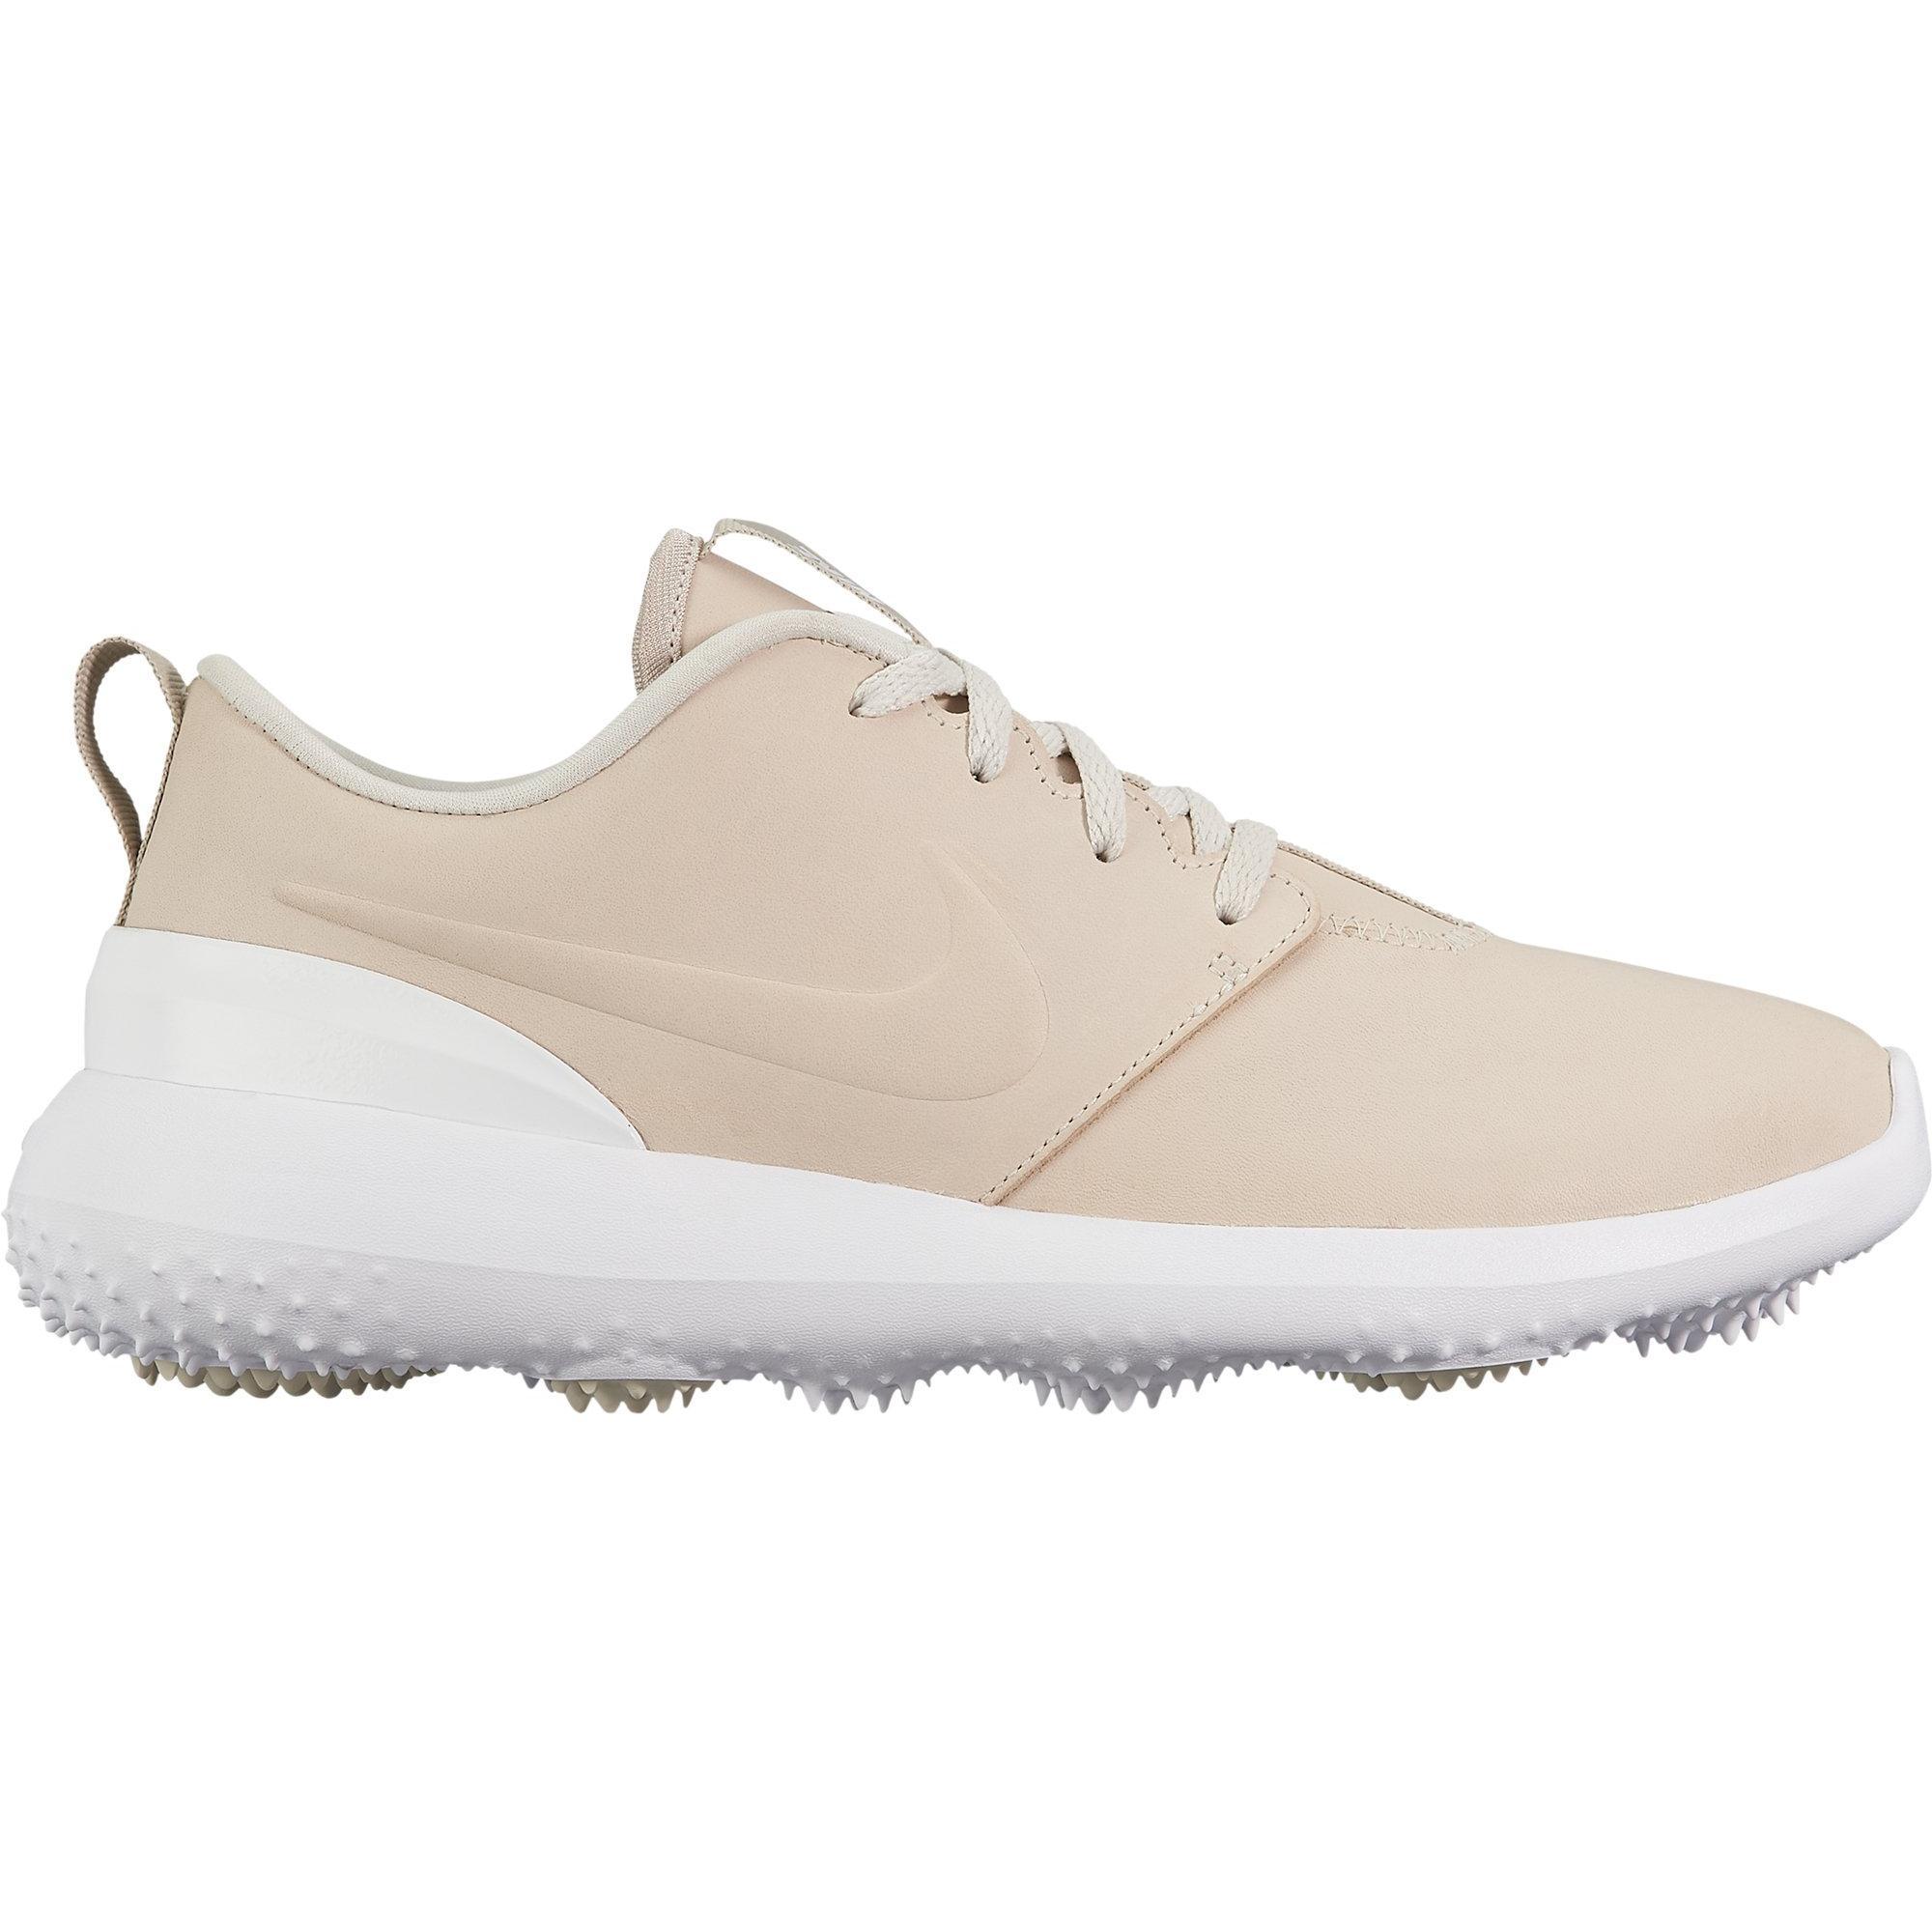 Women's Roshe G Premium Spikeless Golf Shoe – Light Beige